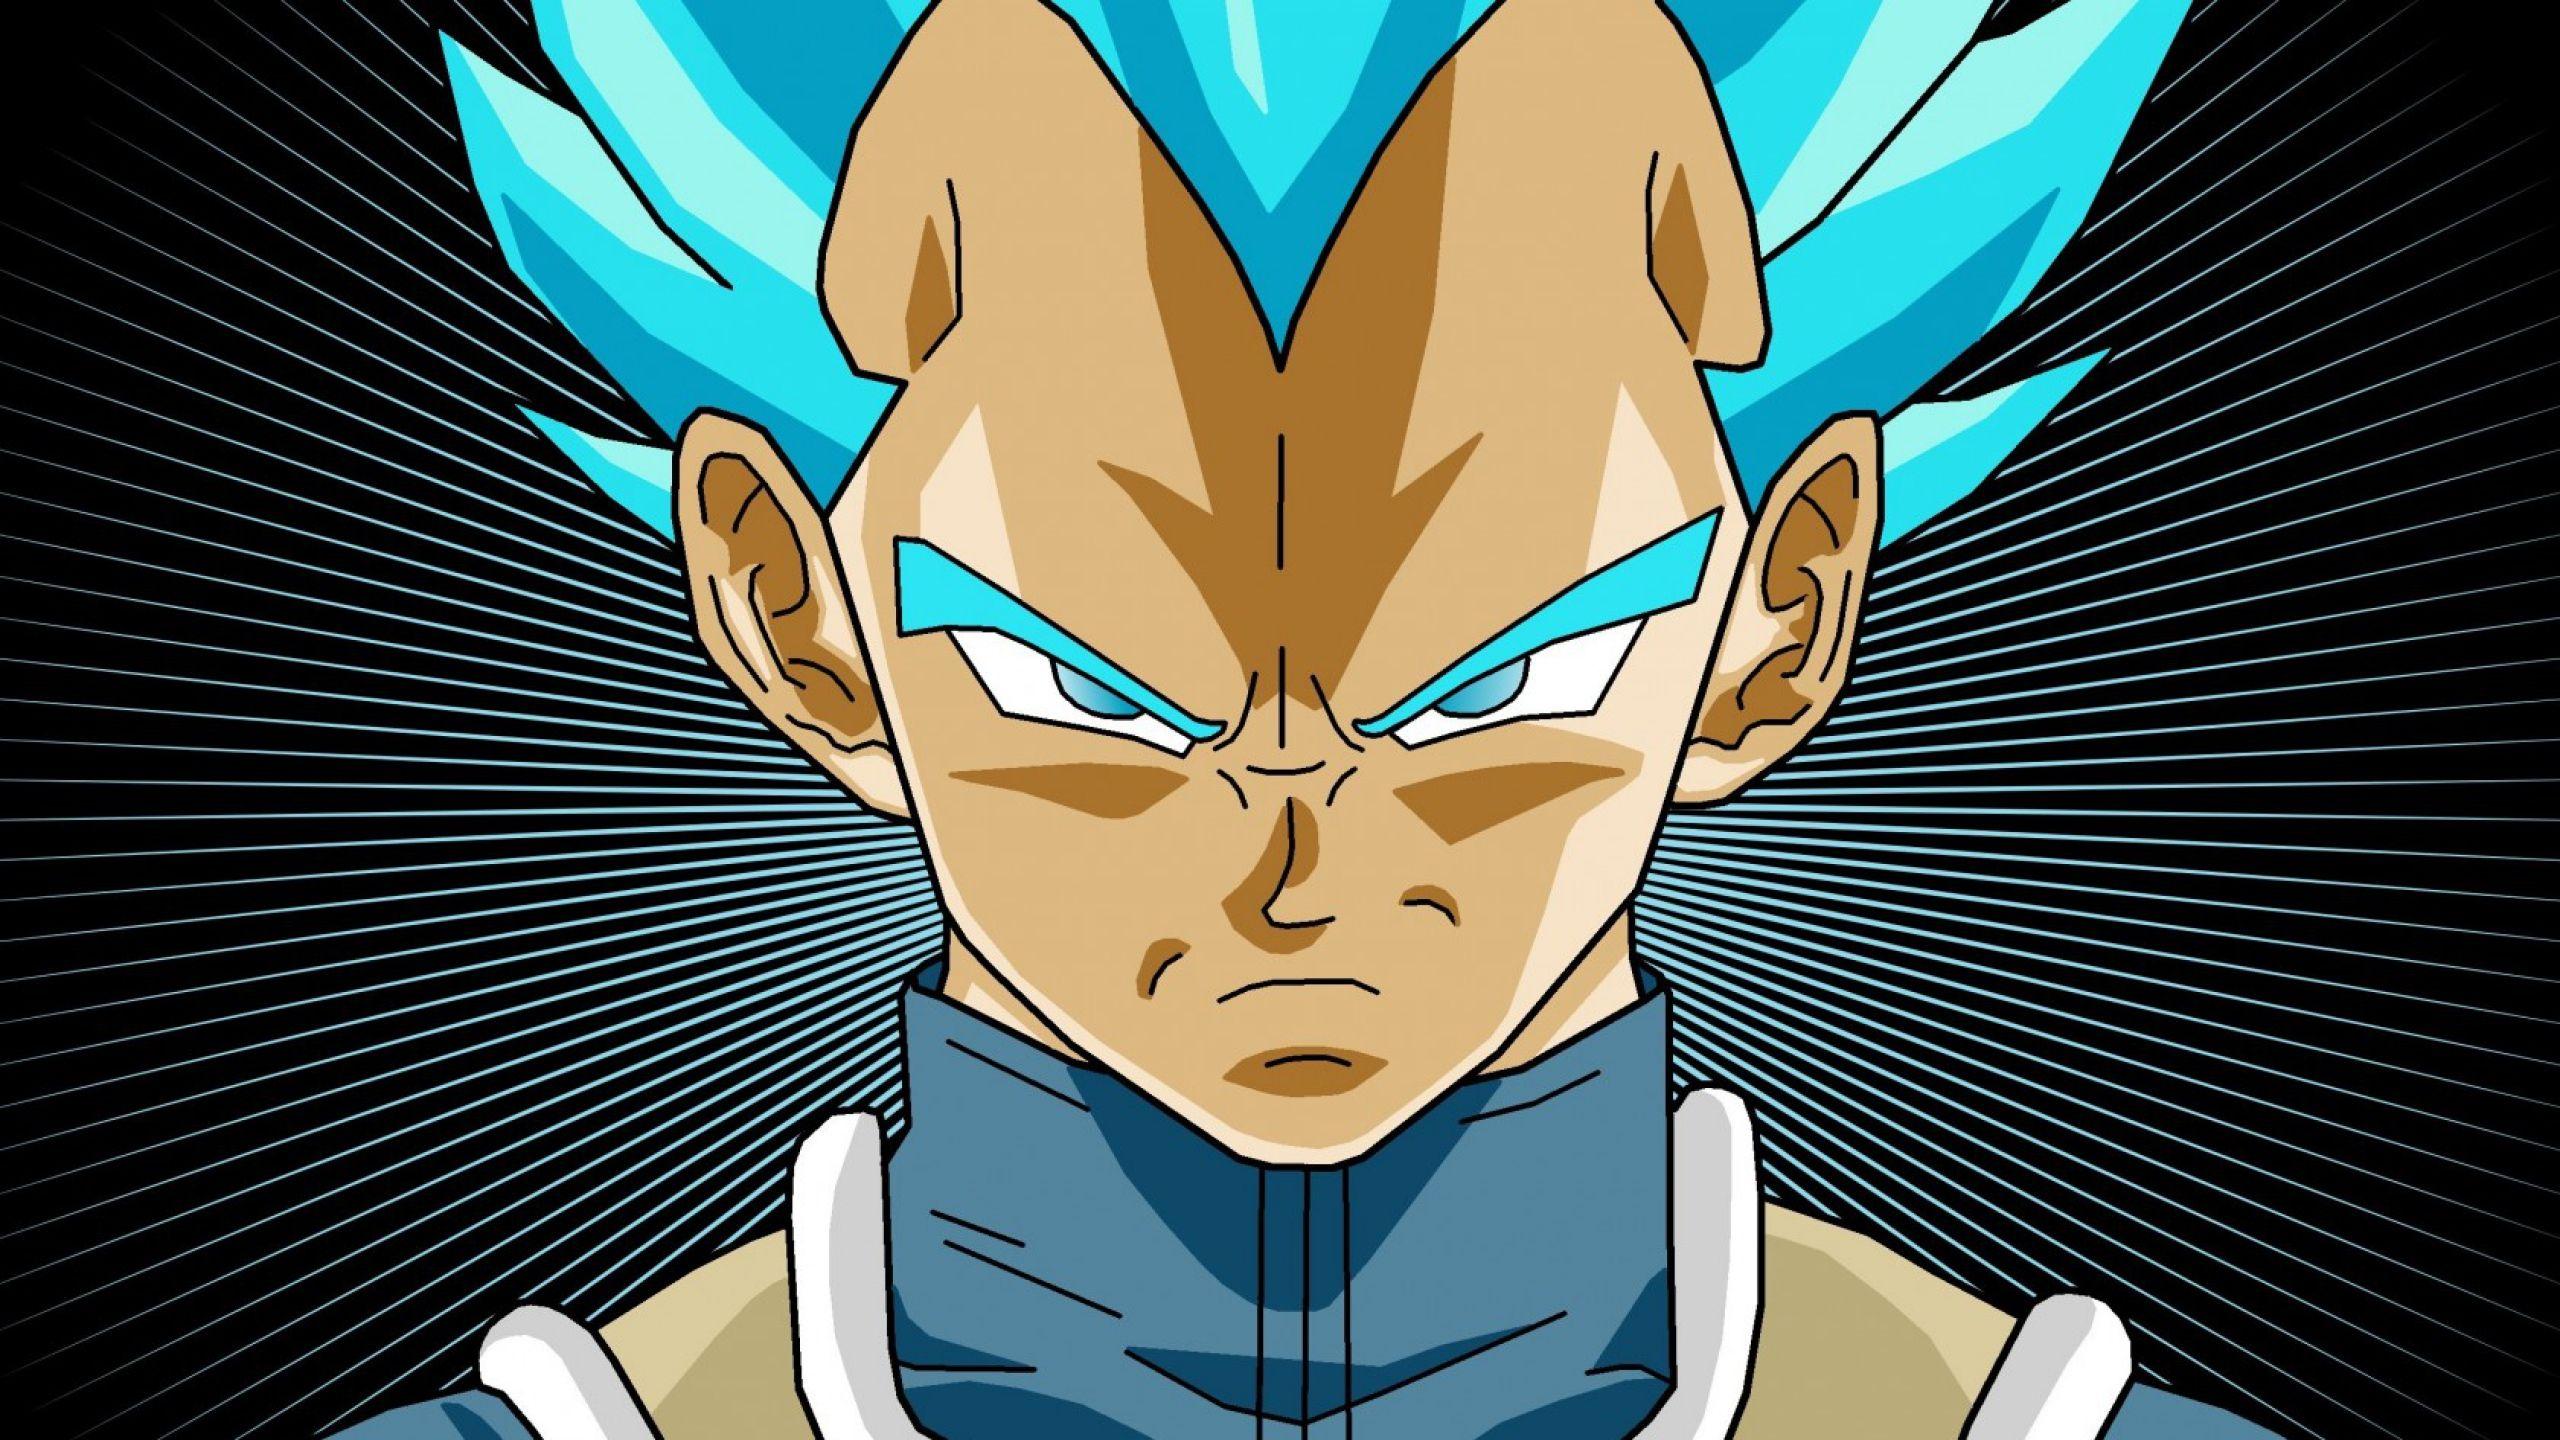 dragon ball super blue hair wallpapers